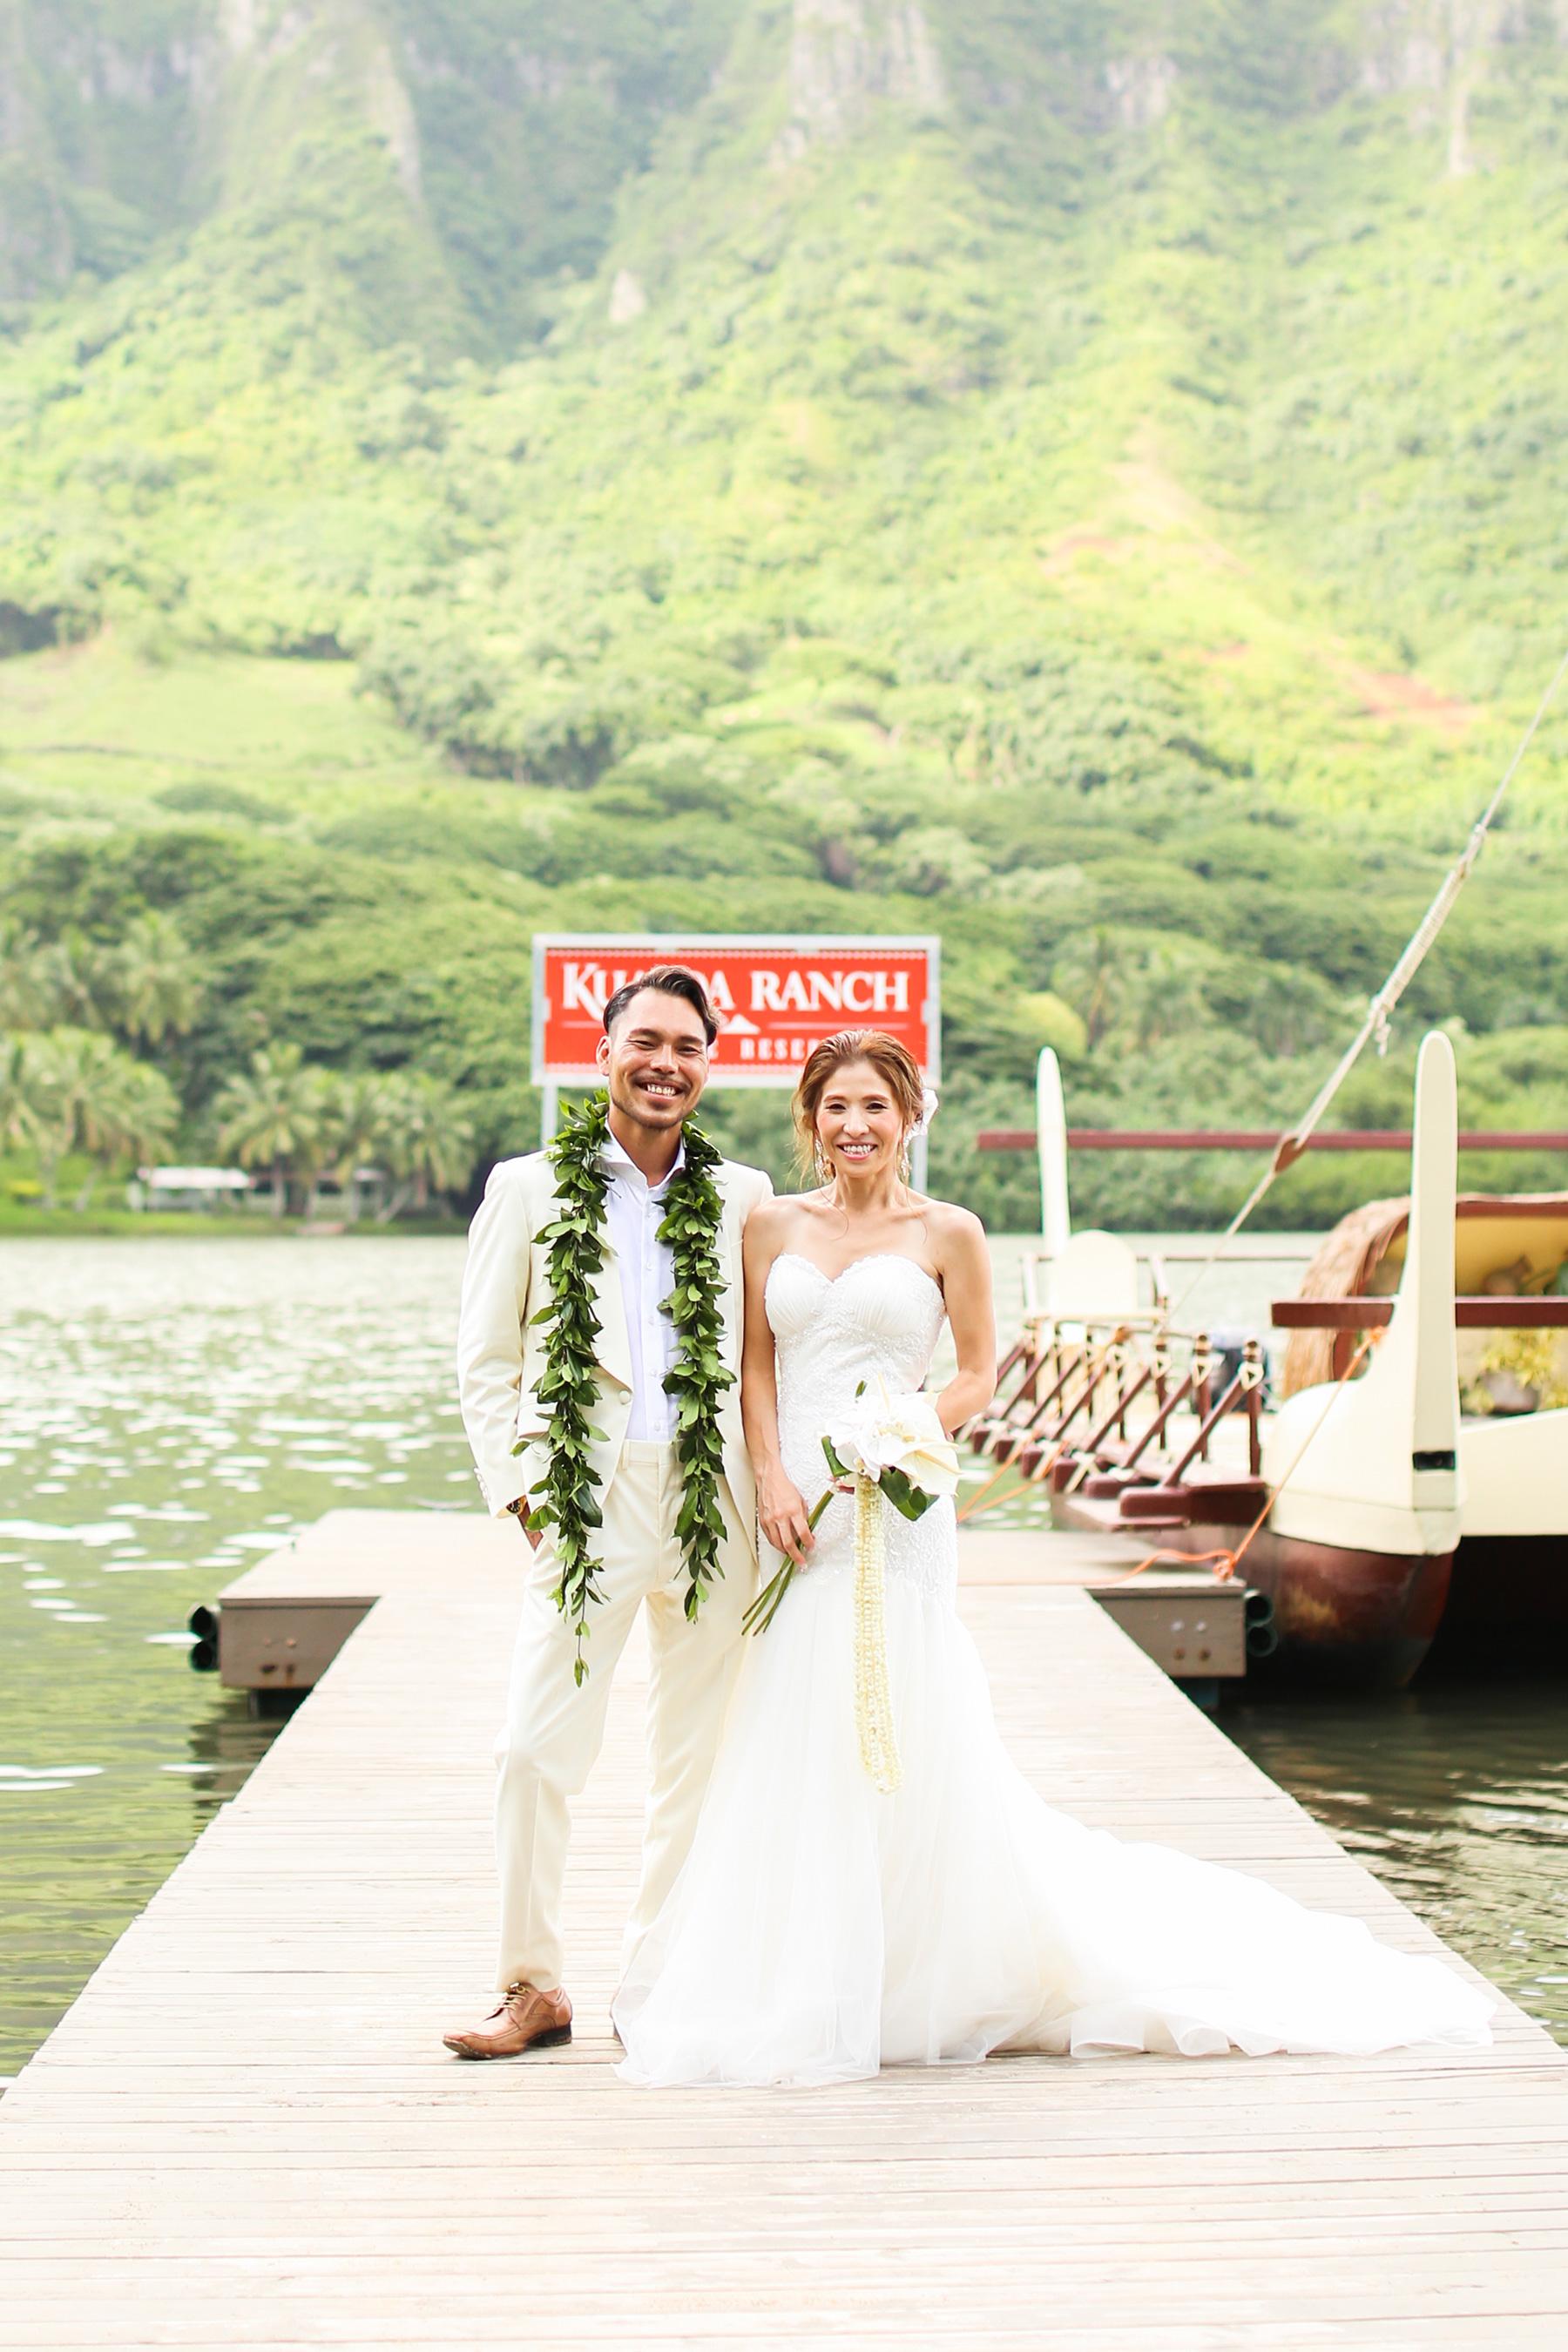 クアロア牧場の「モリイイガーデン」挙式ハワイウェディング,ハワイ婚,準備,チップのだし方